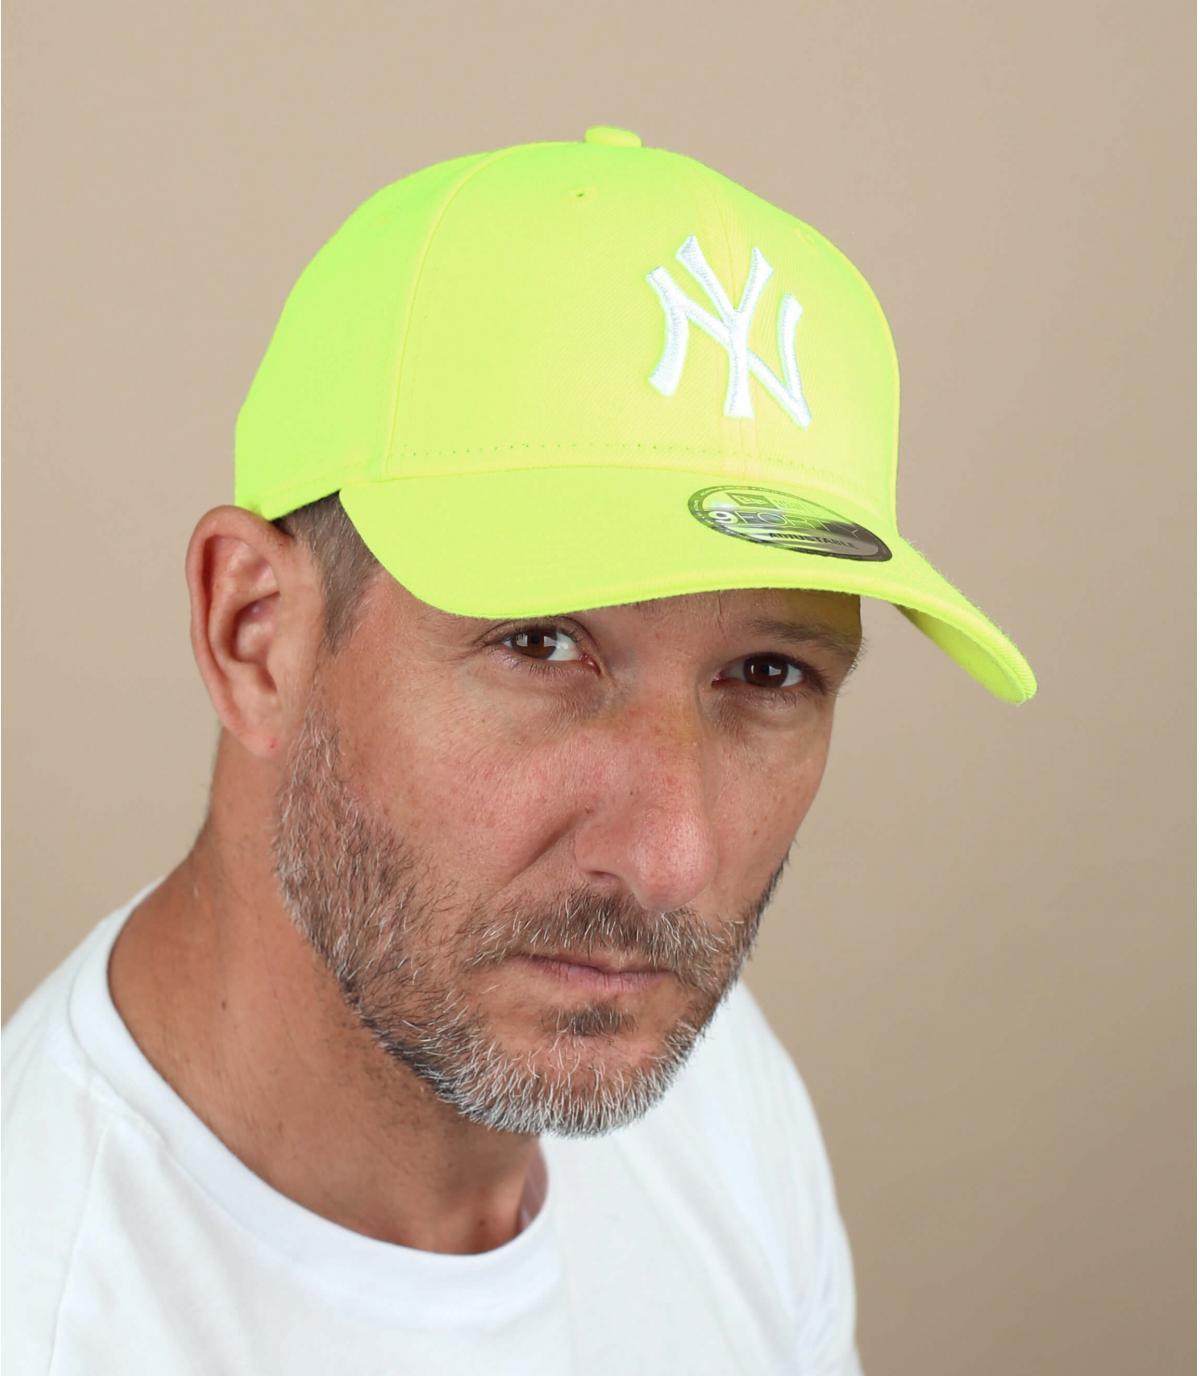 Cappellino trucker giallo fluo